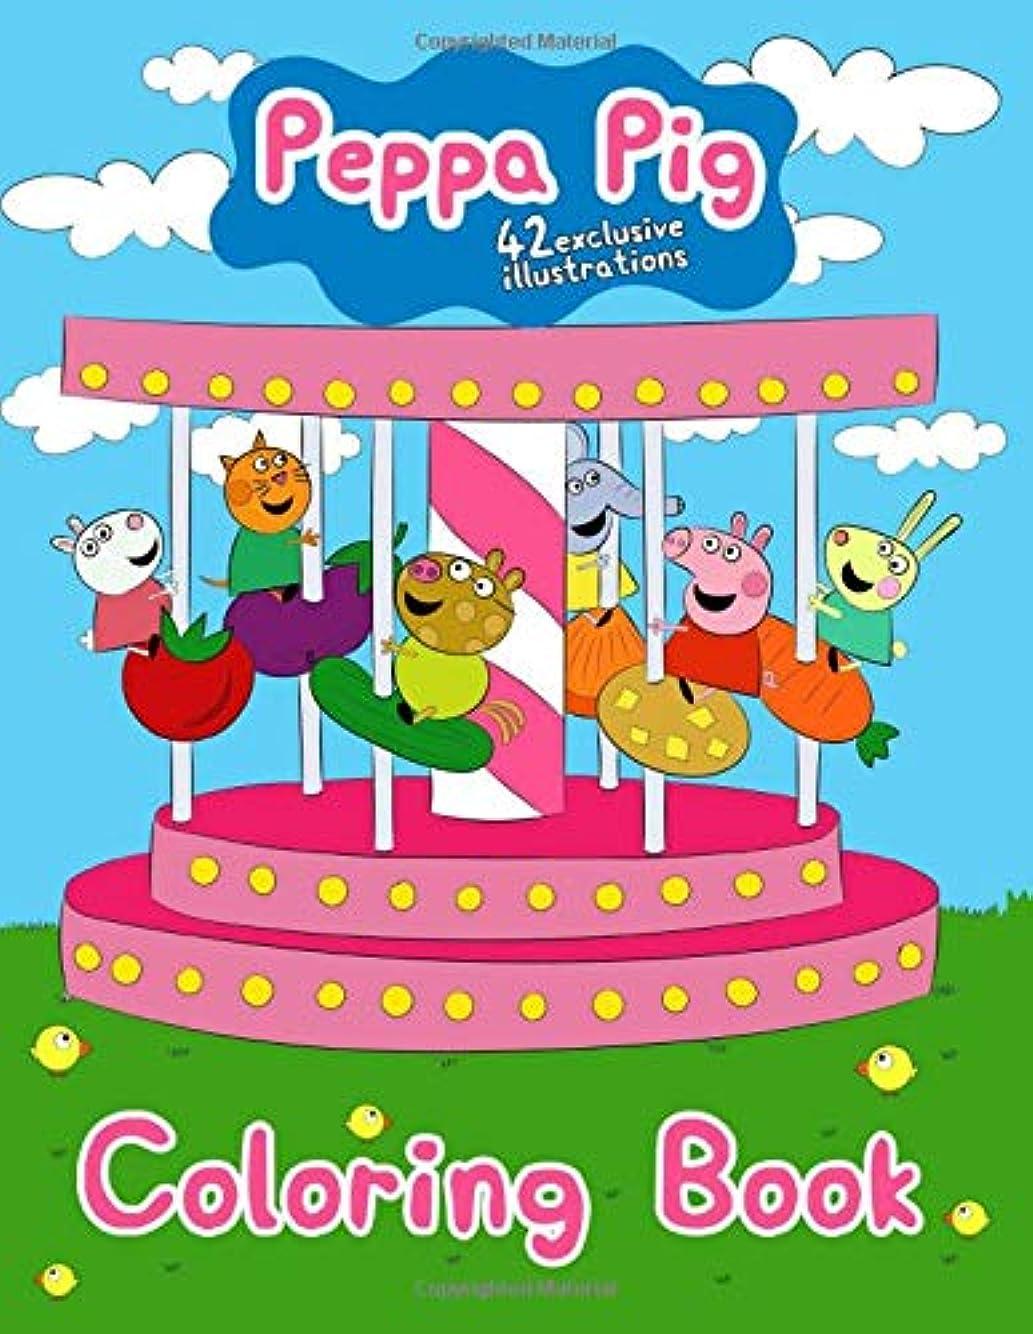 足音依存する舞い上がるPeppa Pig Coloring Book: 42 Exclusive Illustrations. This Coloring Book Will Be Interesting For Boys, Girls, Toddlers, Preschoolers, Kids 3-6, 7-8, 9-12 ages